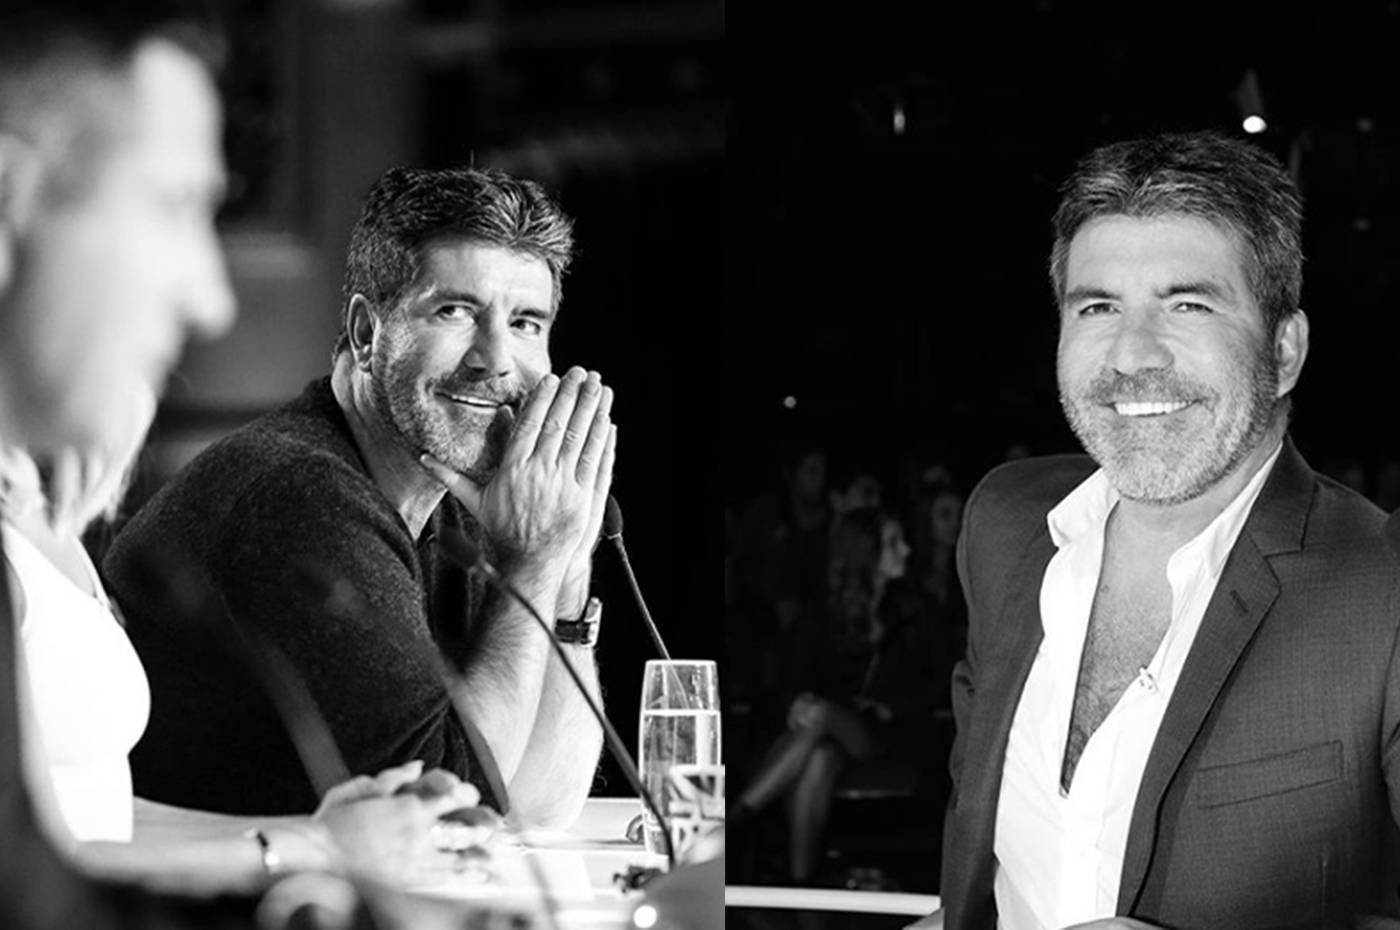 Simon cowell instagram